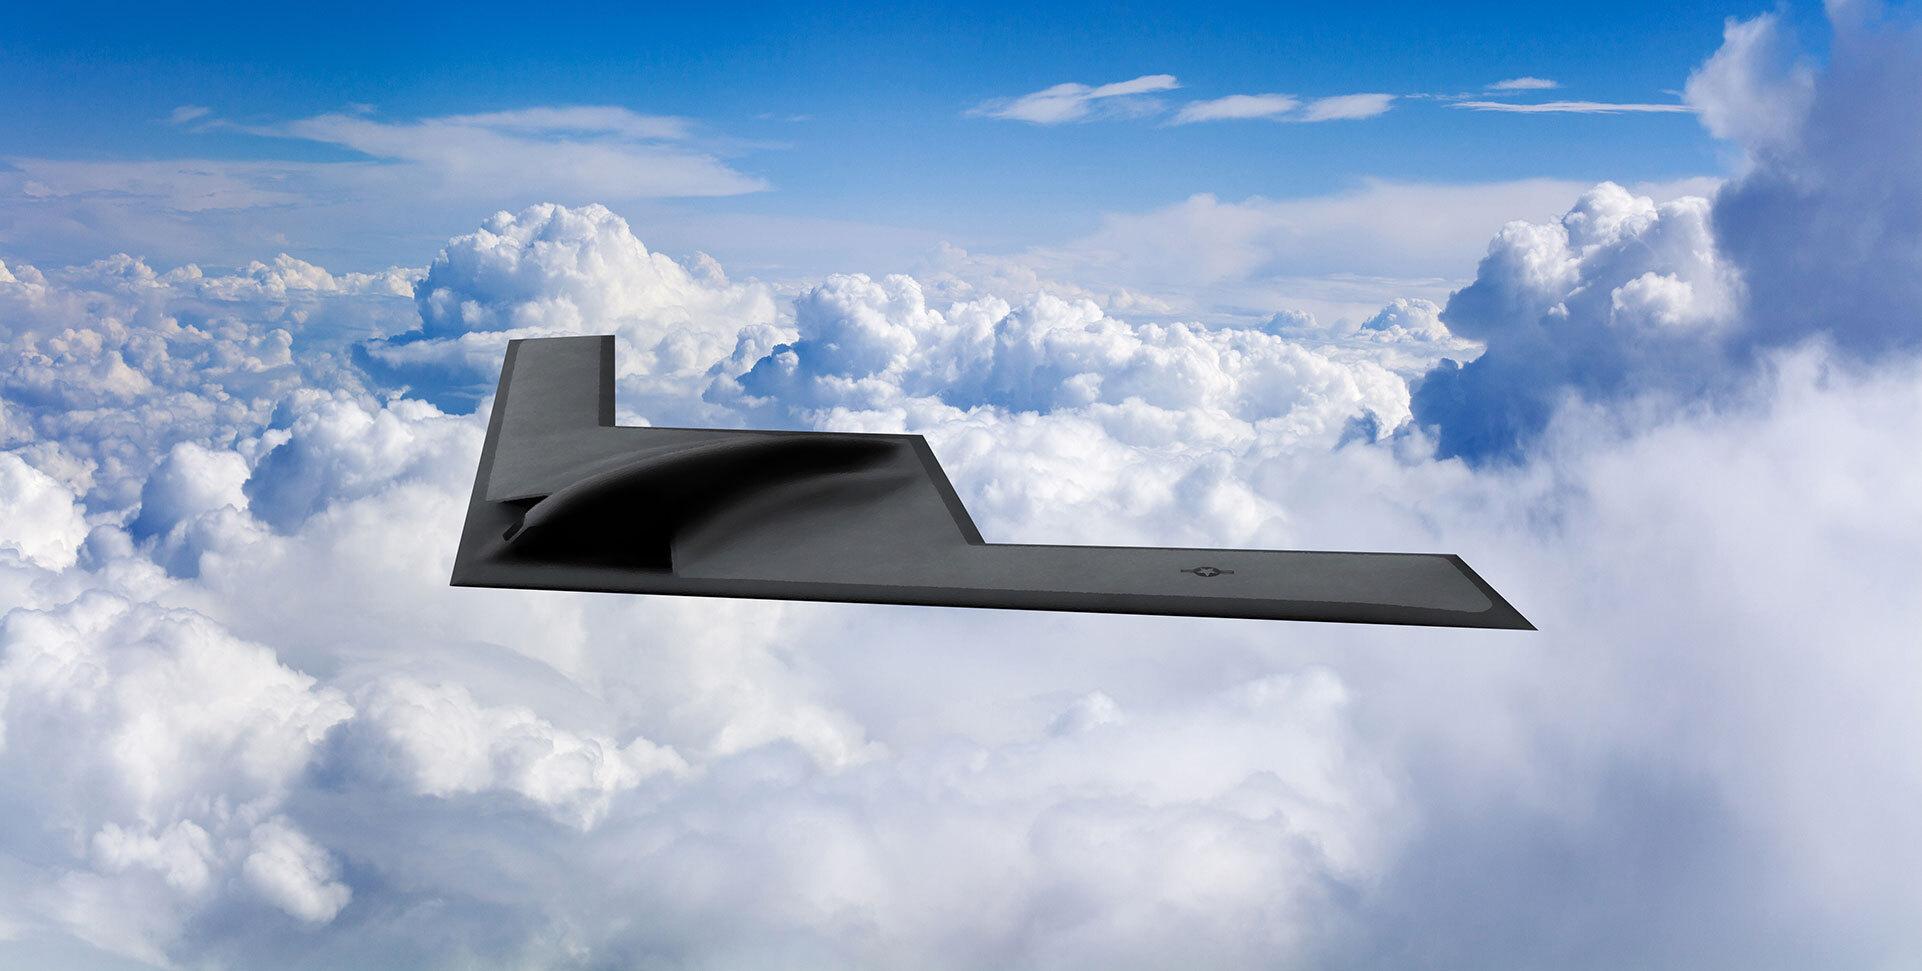 США случайно раскрыли характеристики стратегического бомбардировщика